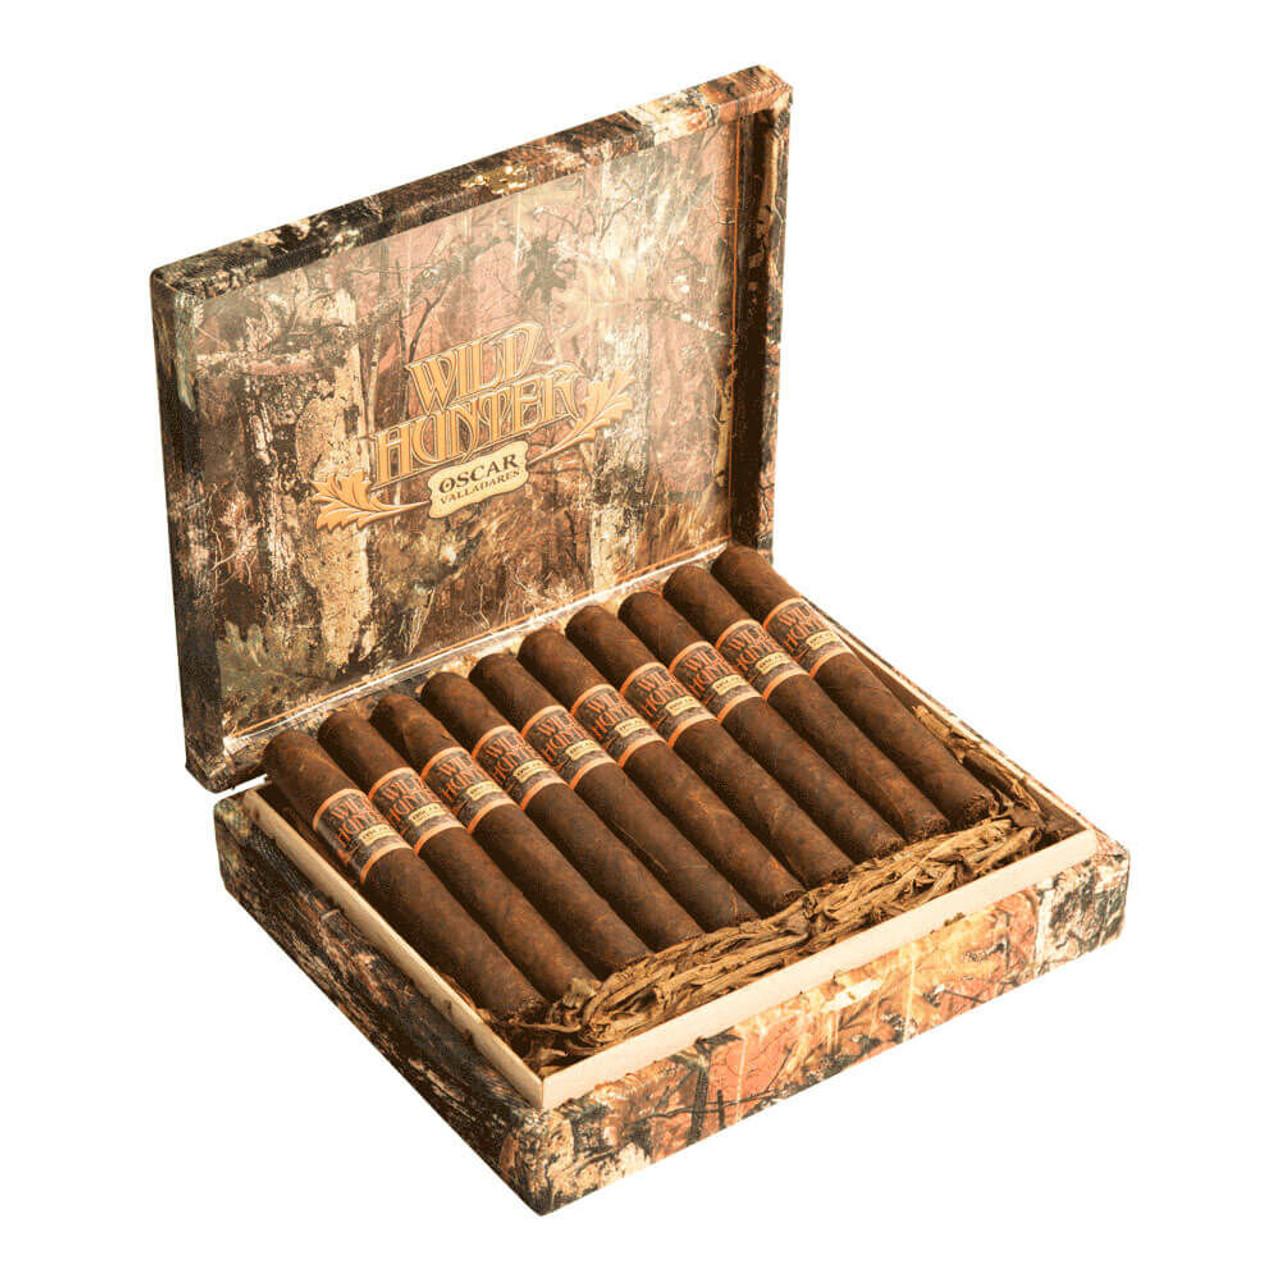 Oscar Valladares Wild Hunter Toro Maduro Cigars - 6 x 52 (Box of 20)